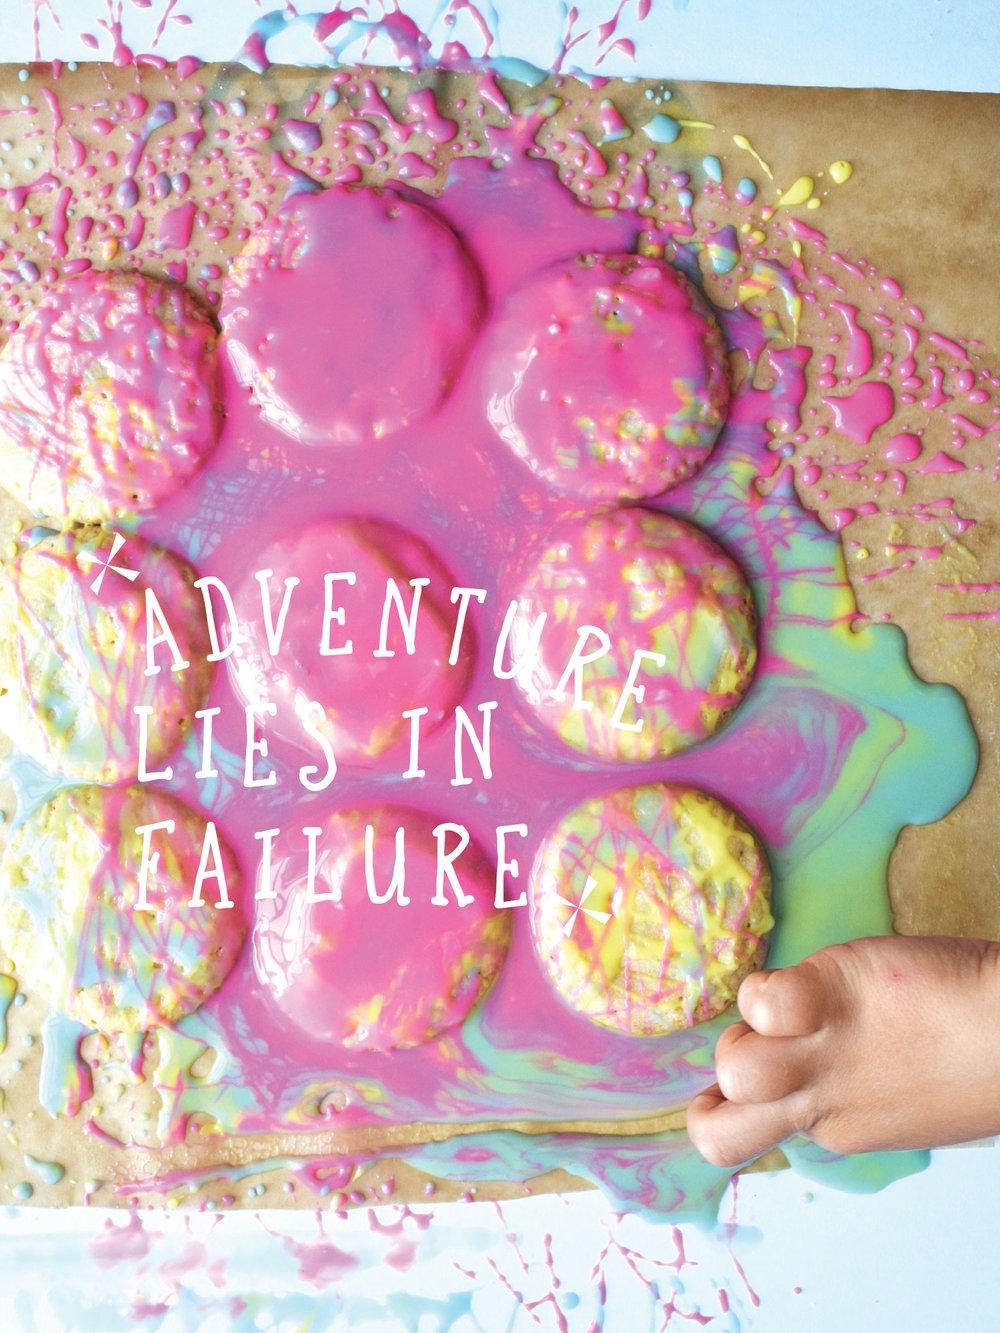 adventure_in_failure_quote.jpg